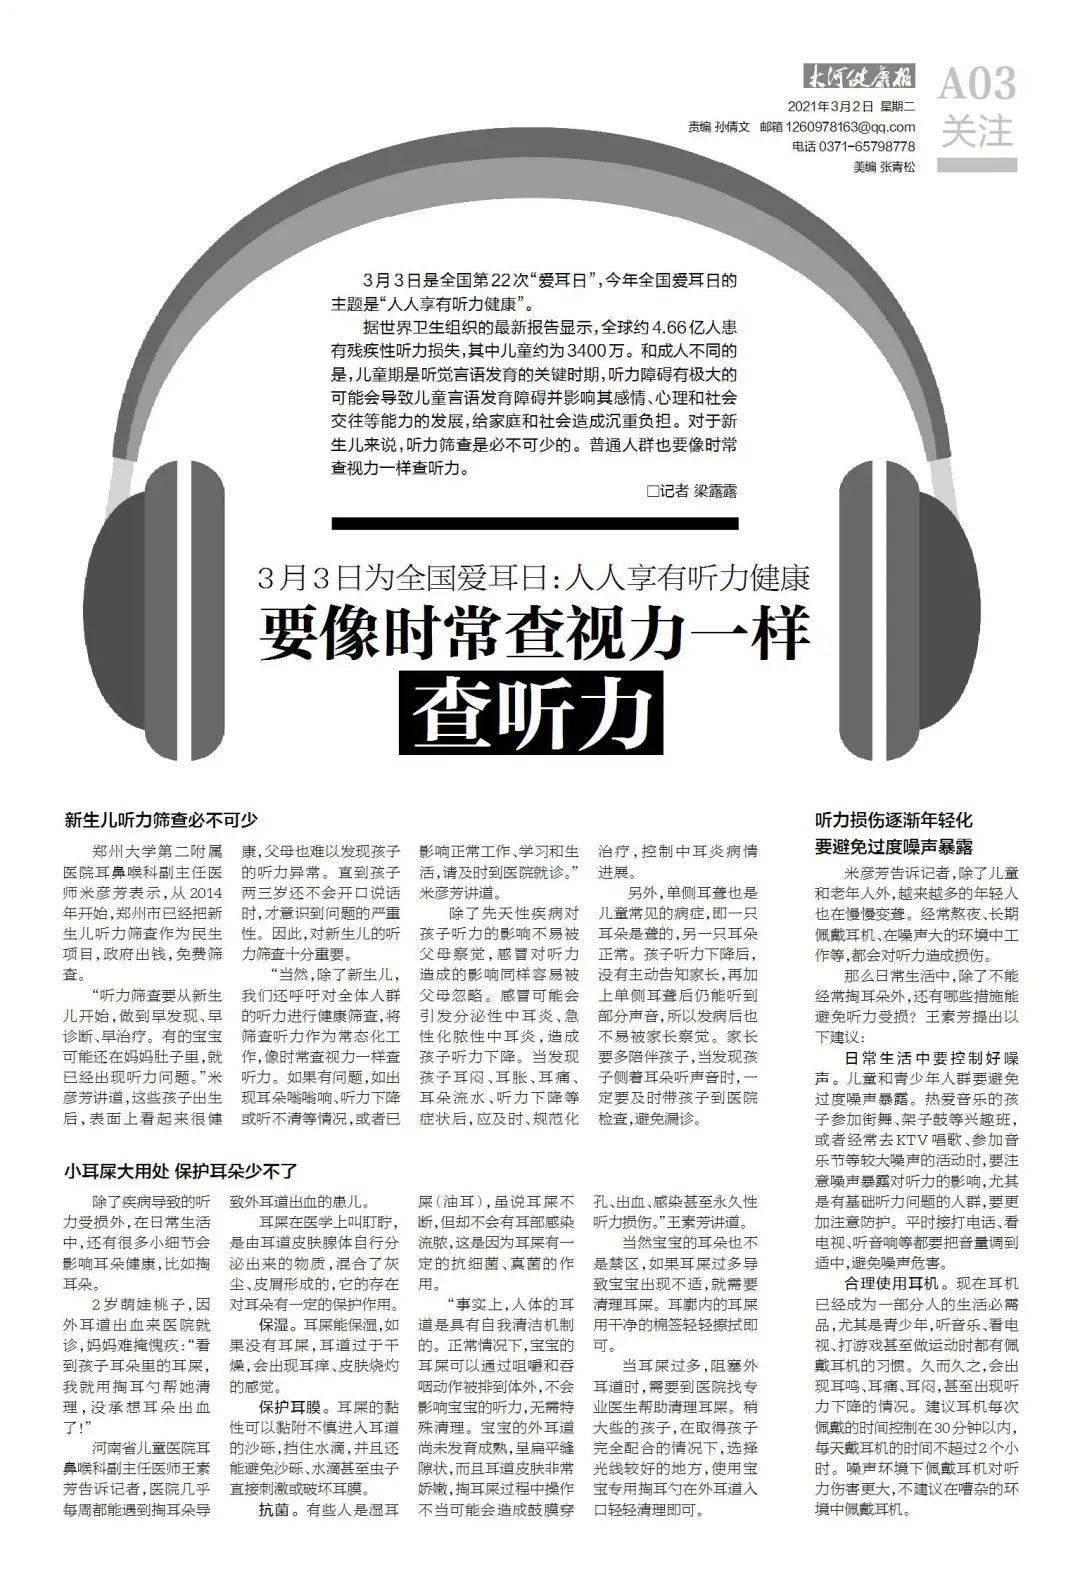 4.66亿人有残疾性听力损失!专家呼吁像时常查视力一样查听力